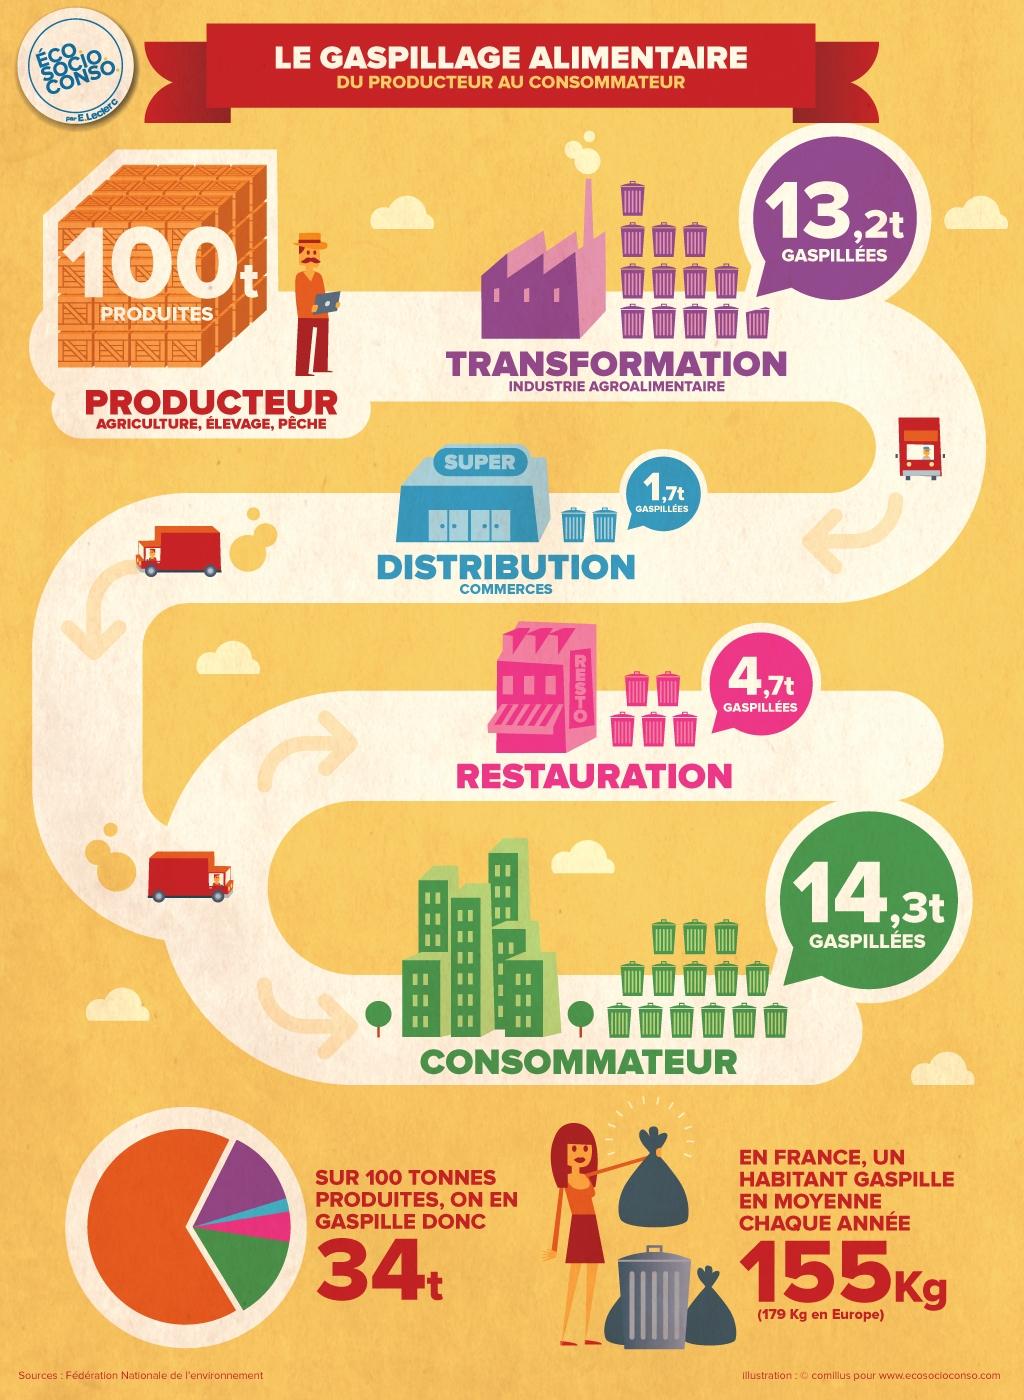 gaspillage alimentaire - du producteur au consommateur - La vie des entreprises